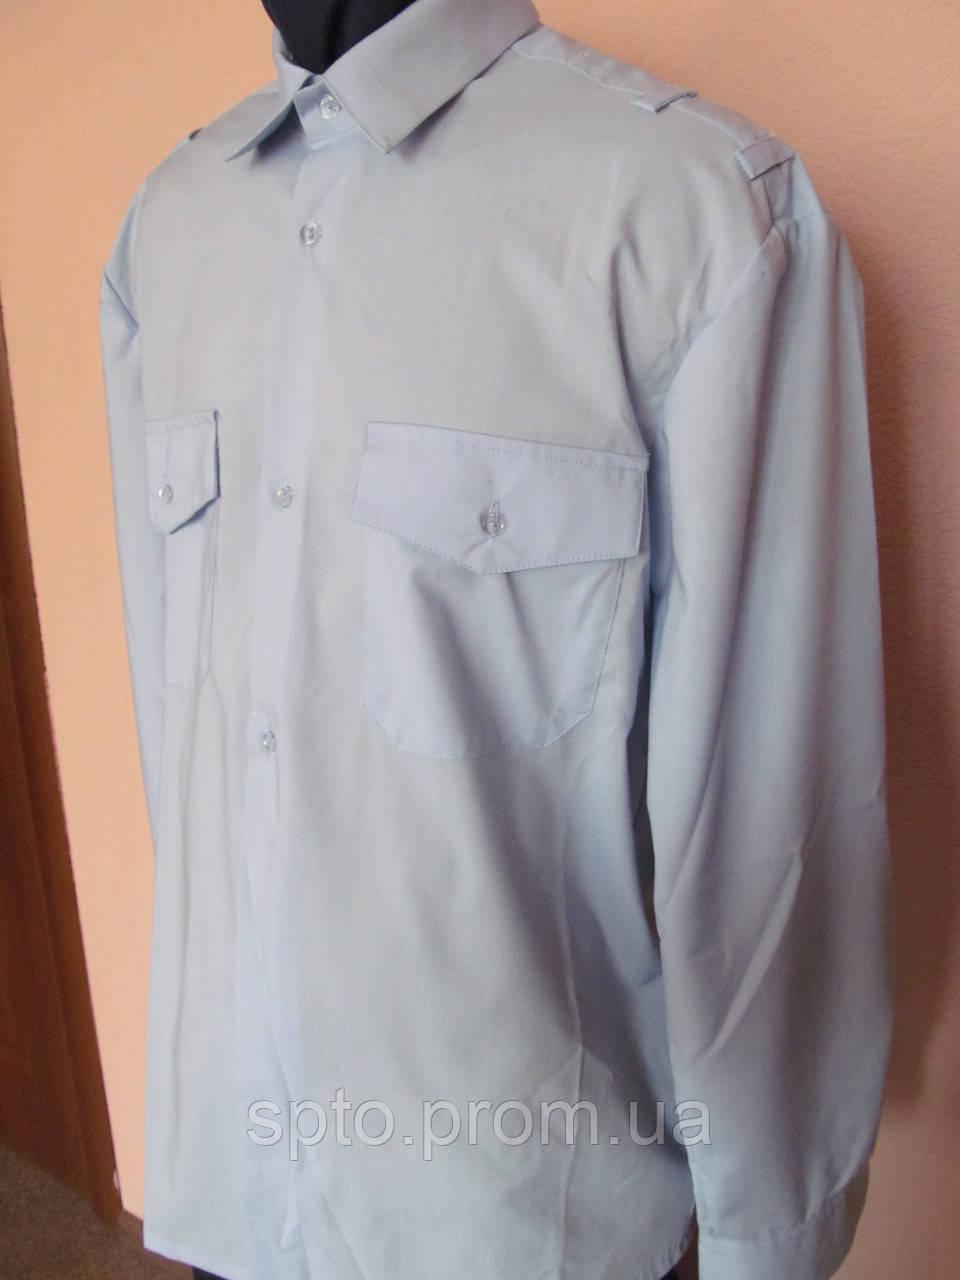 Рубашка форменная с системой для крепления погонов